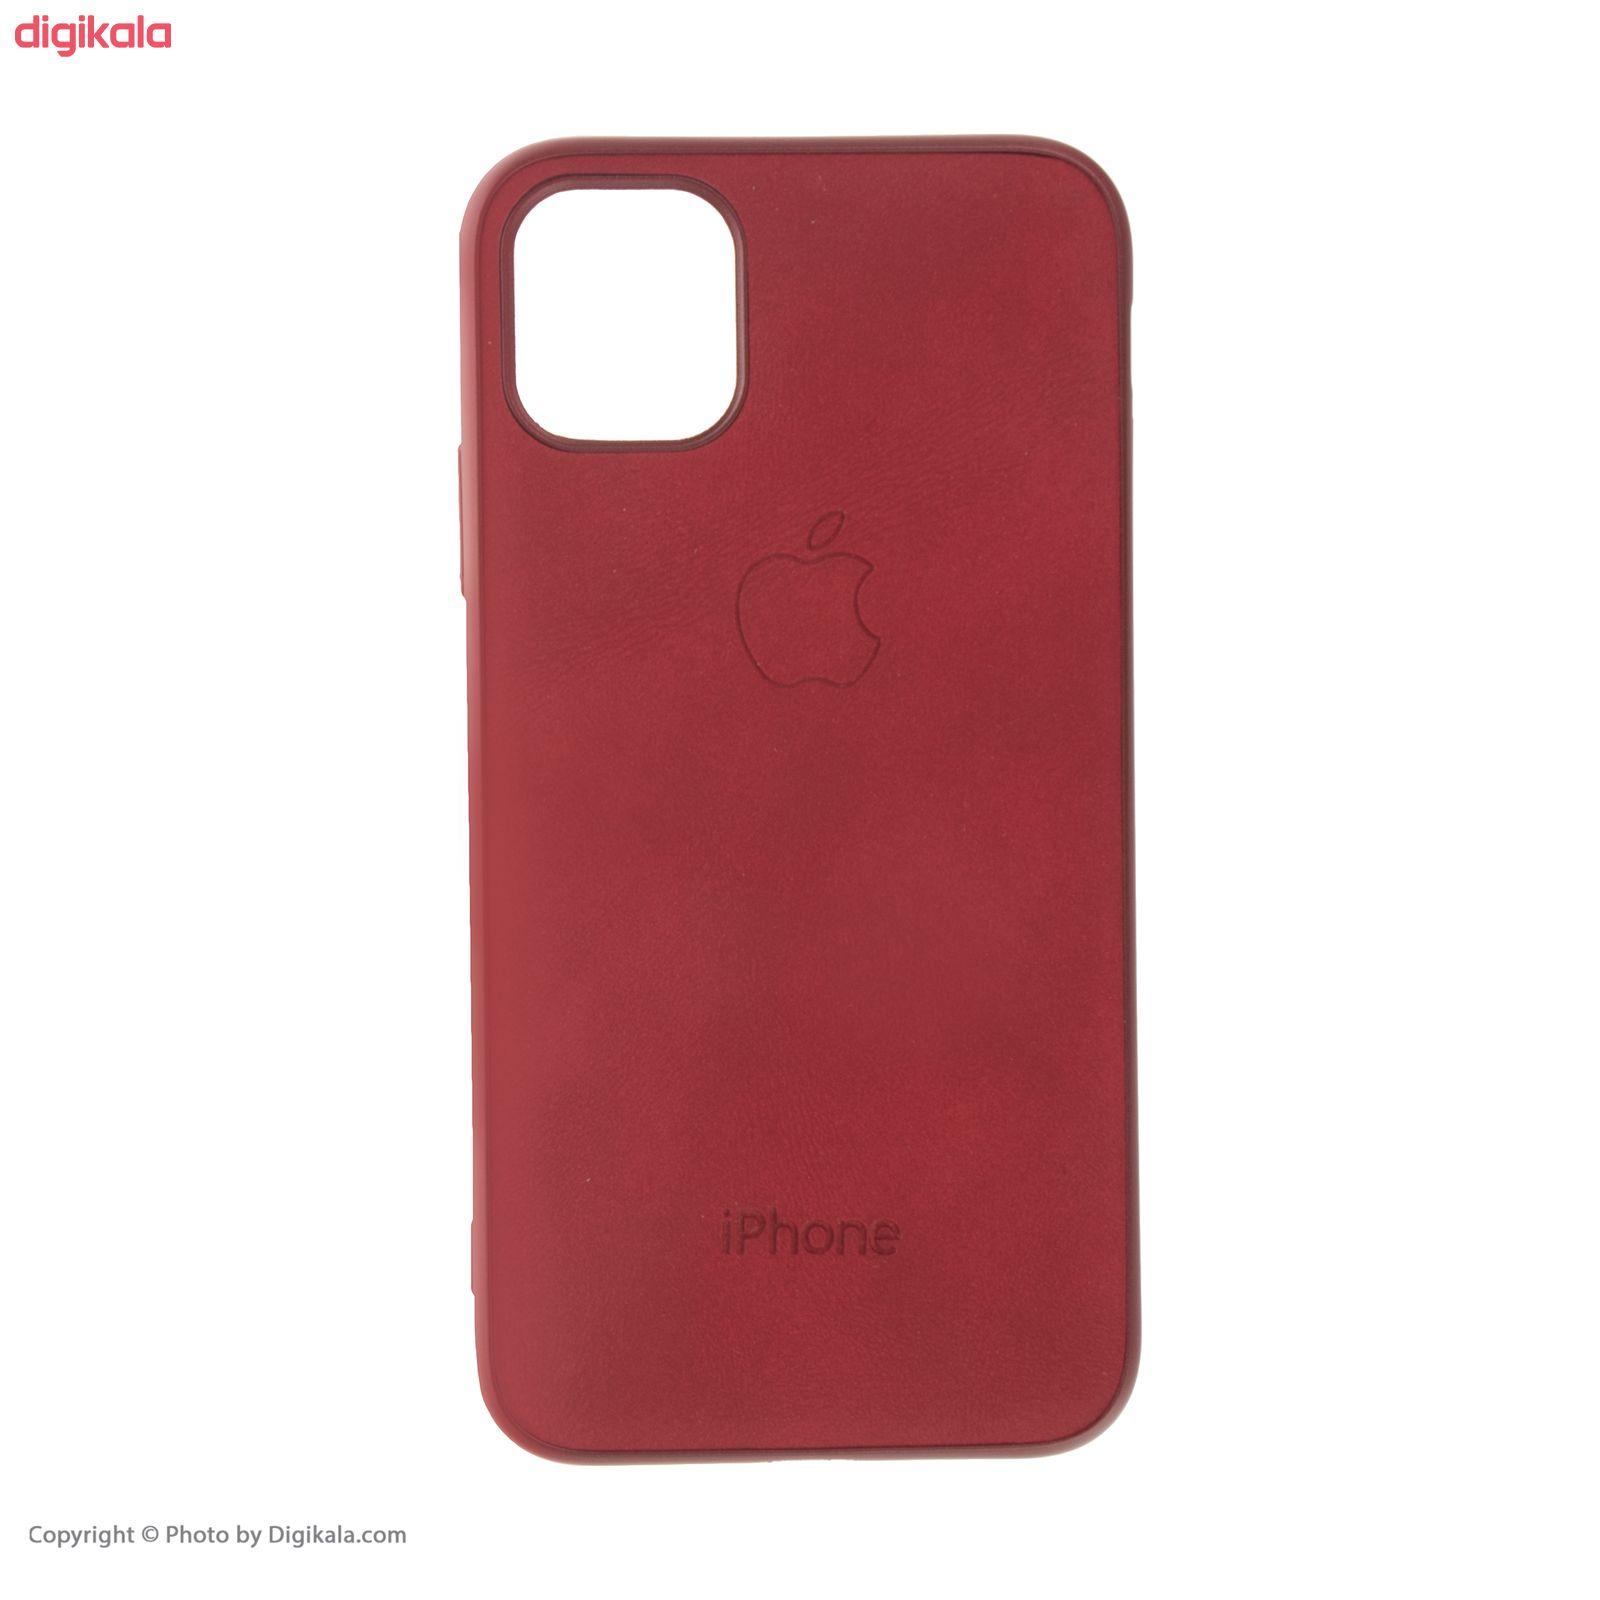 کاور مدل lethgi کد 12 مناسب برای گوشی موبایل اپل Iphone 11 pro main 1 1